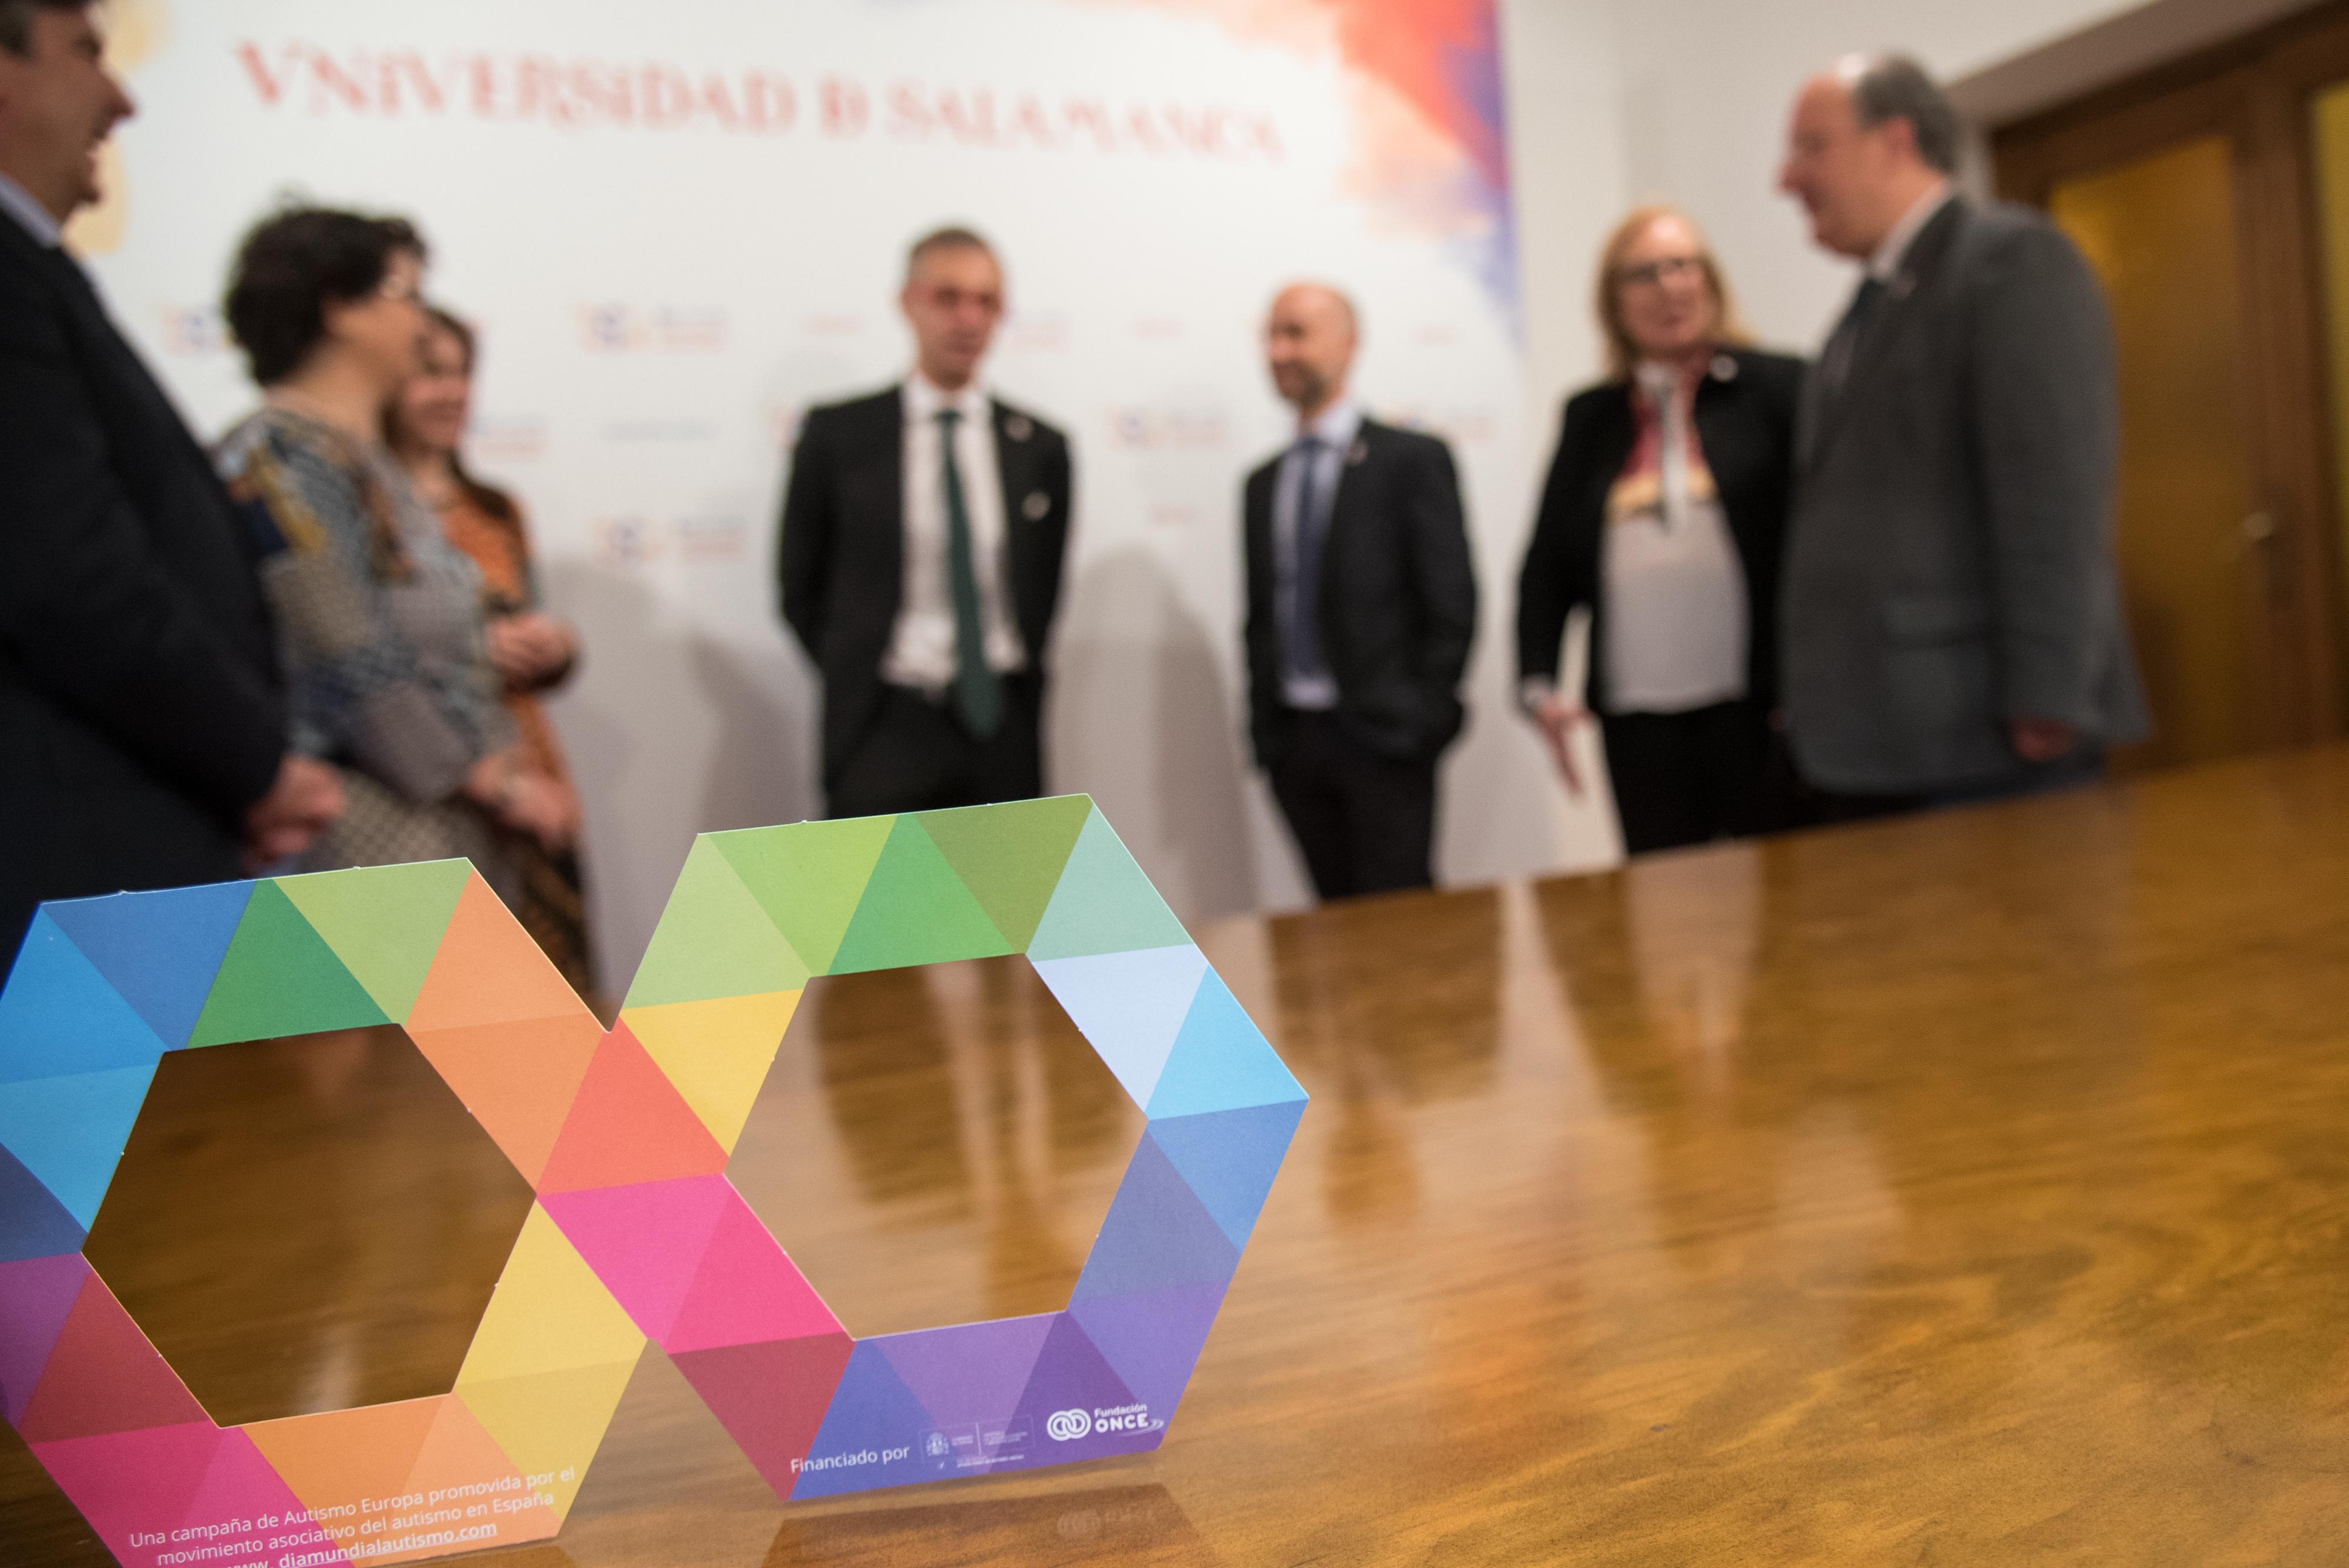 La Universidad de Salamanca se suma al Día Mundial de Concienciación sobre el Autismo